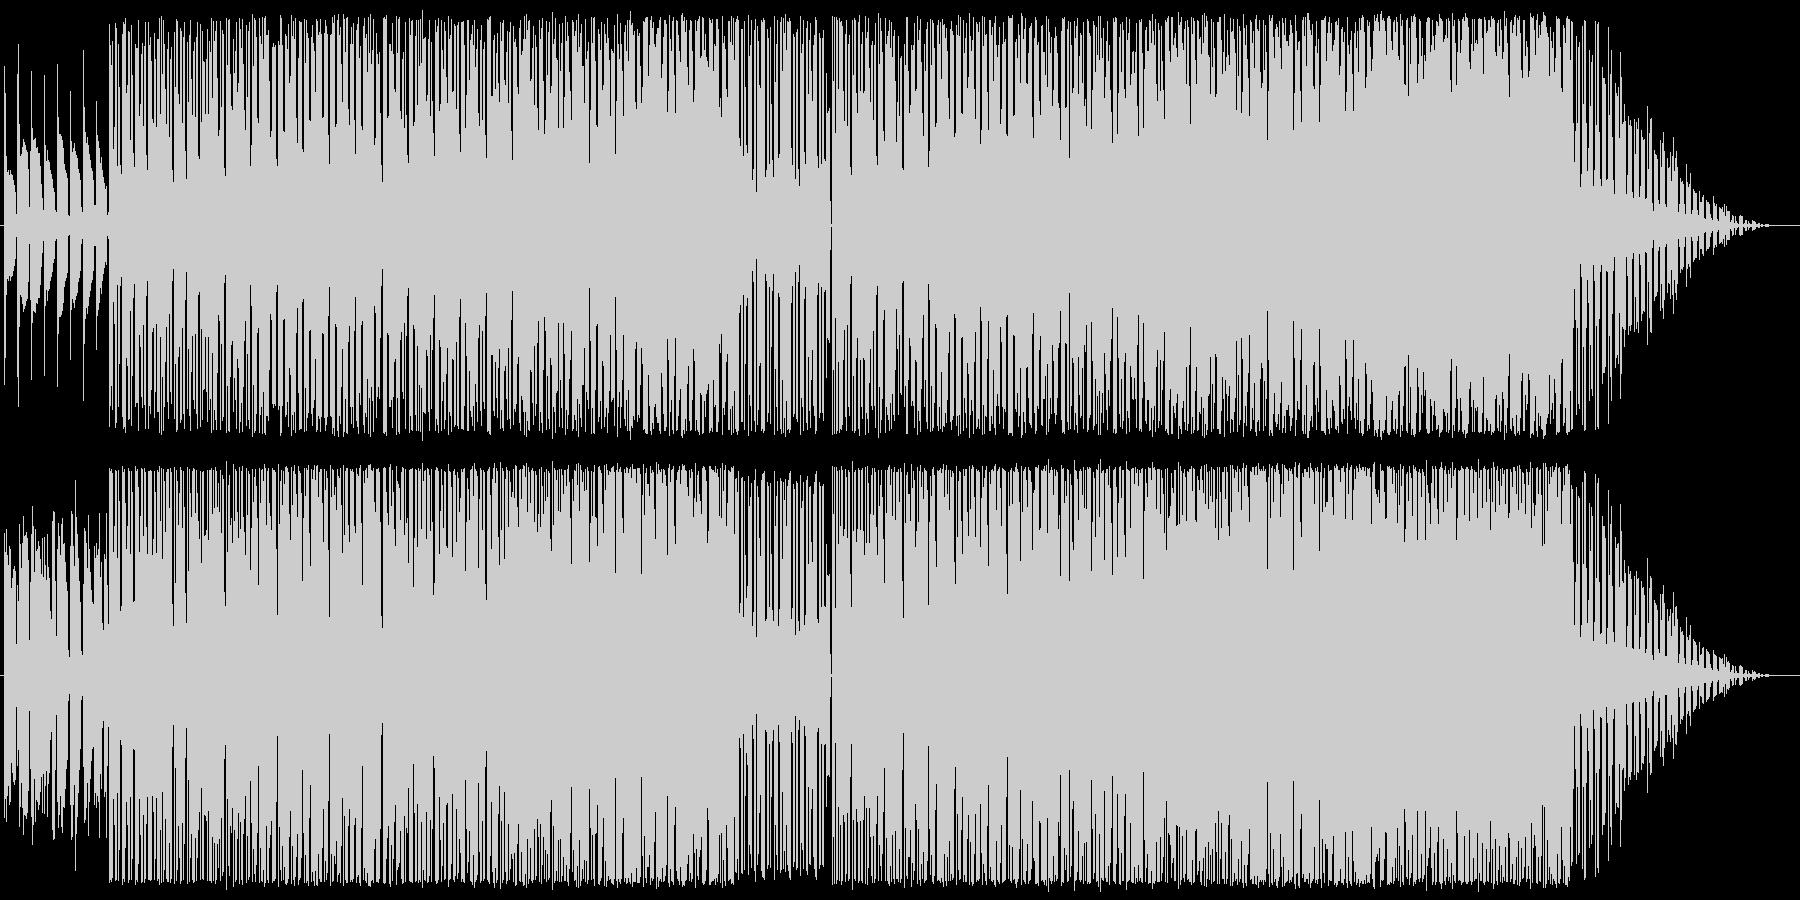 ローズをメインとしたインスト楽曲の未再生の波形